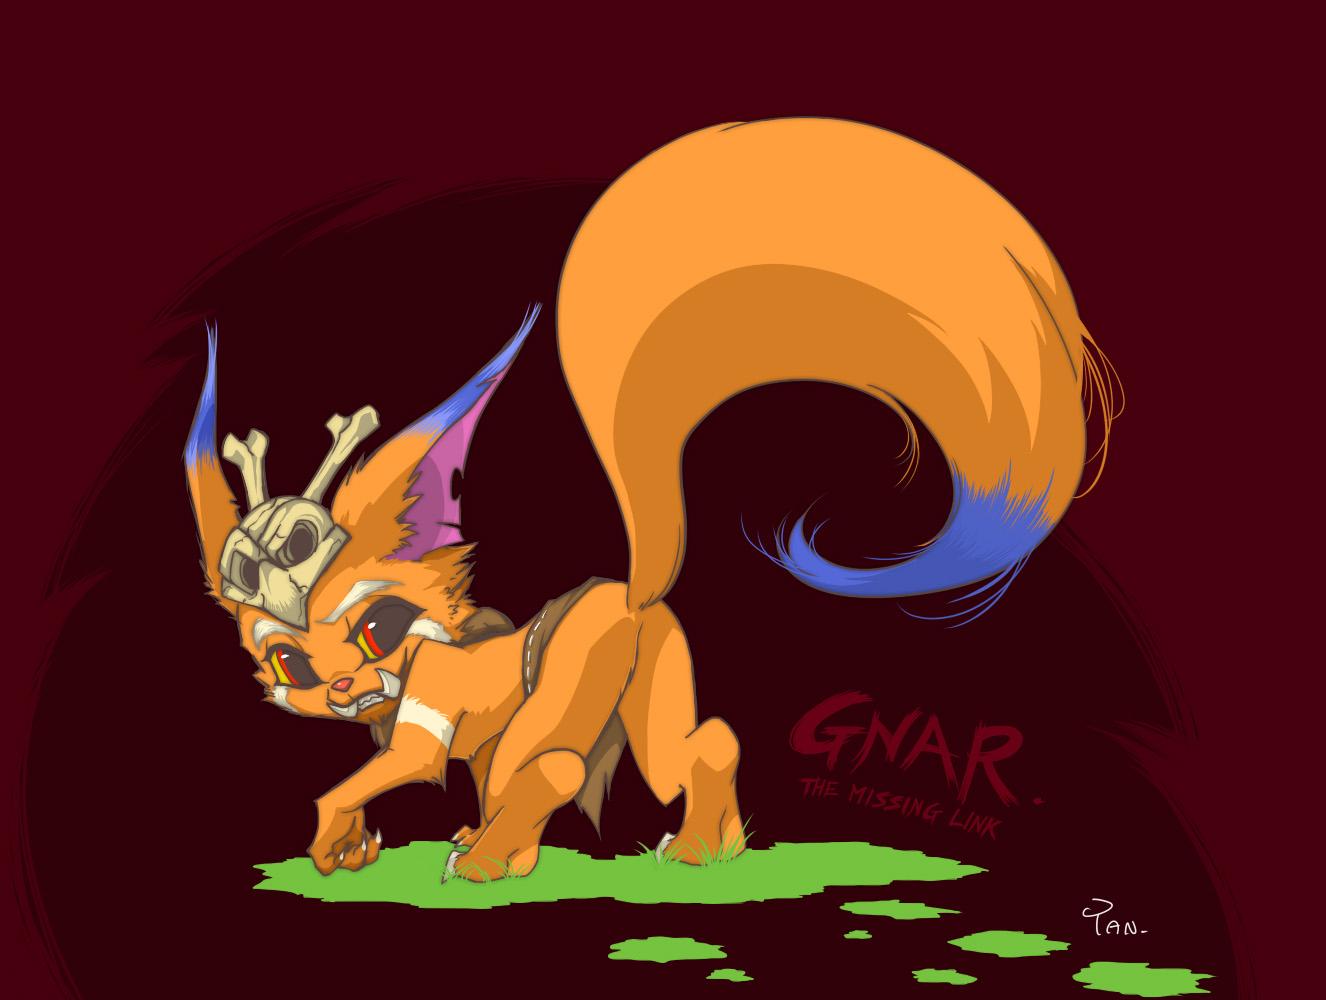 GNAR by yan531 on DeviantArt